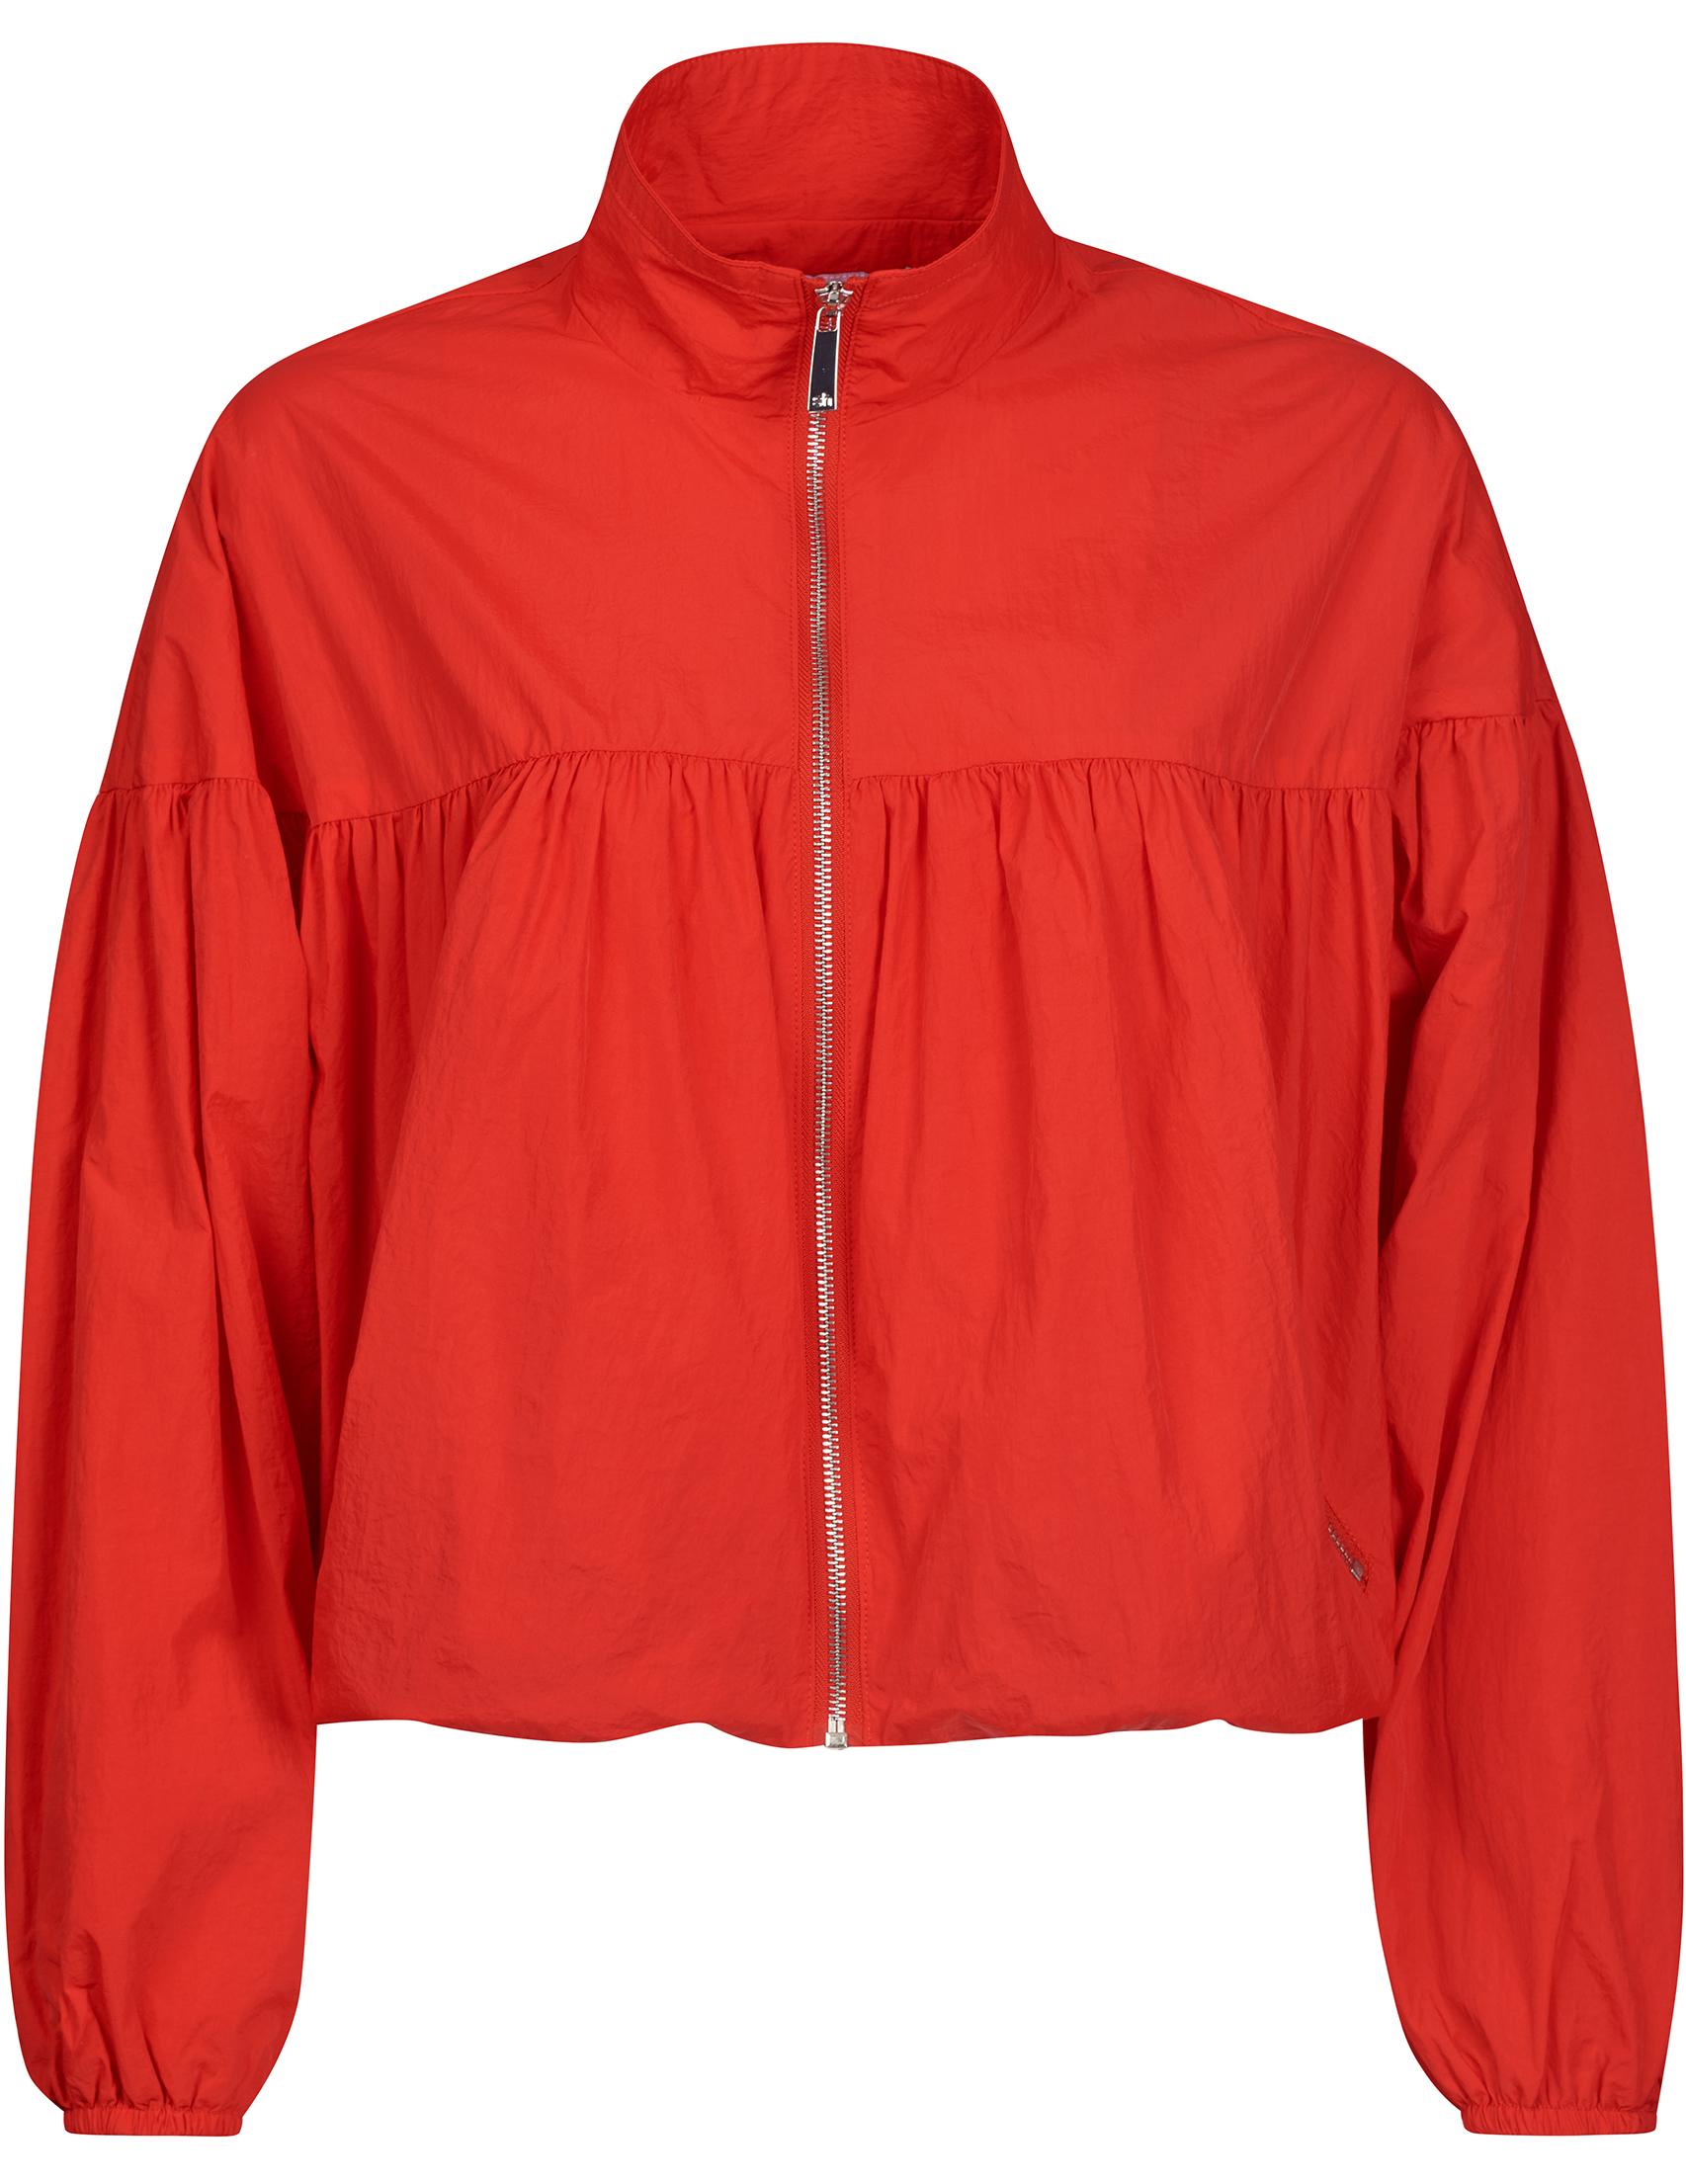 Купить Куртки, Куртка, SILVIAN HEACH, Красный, 100%Нейлон, Весна-Лето